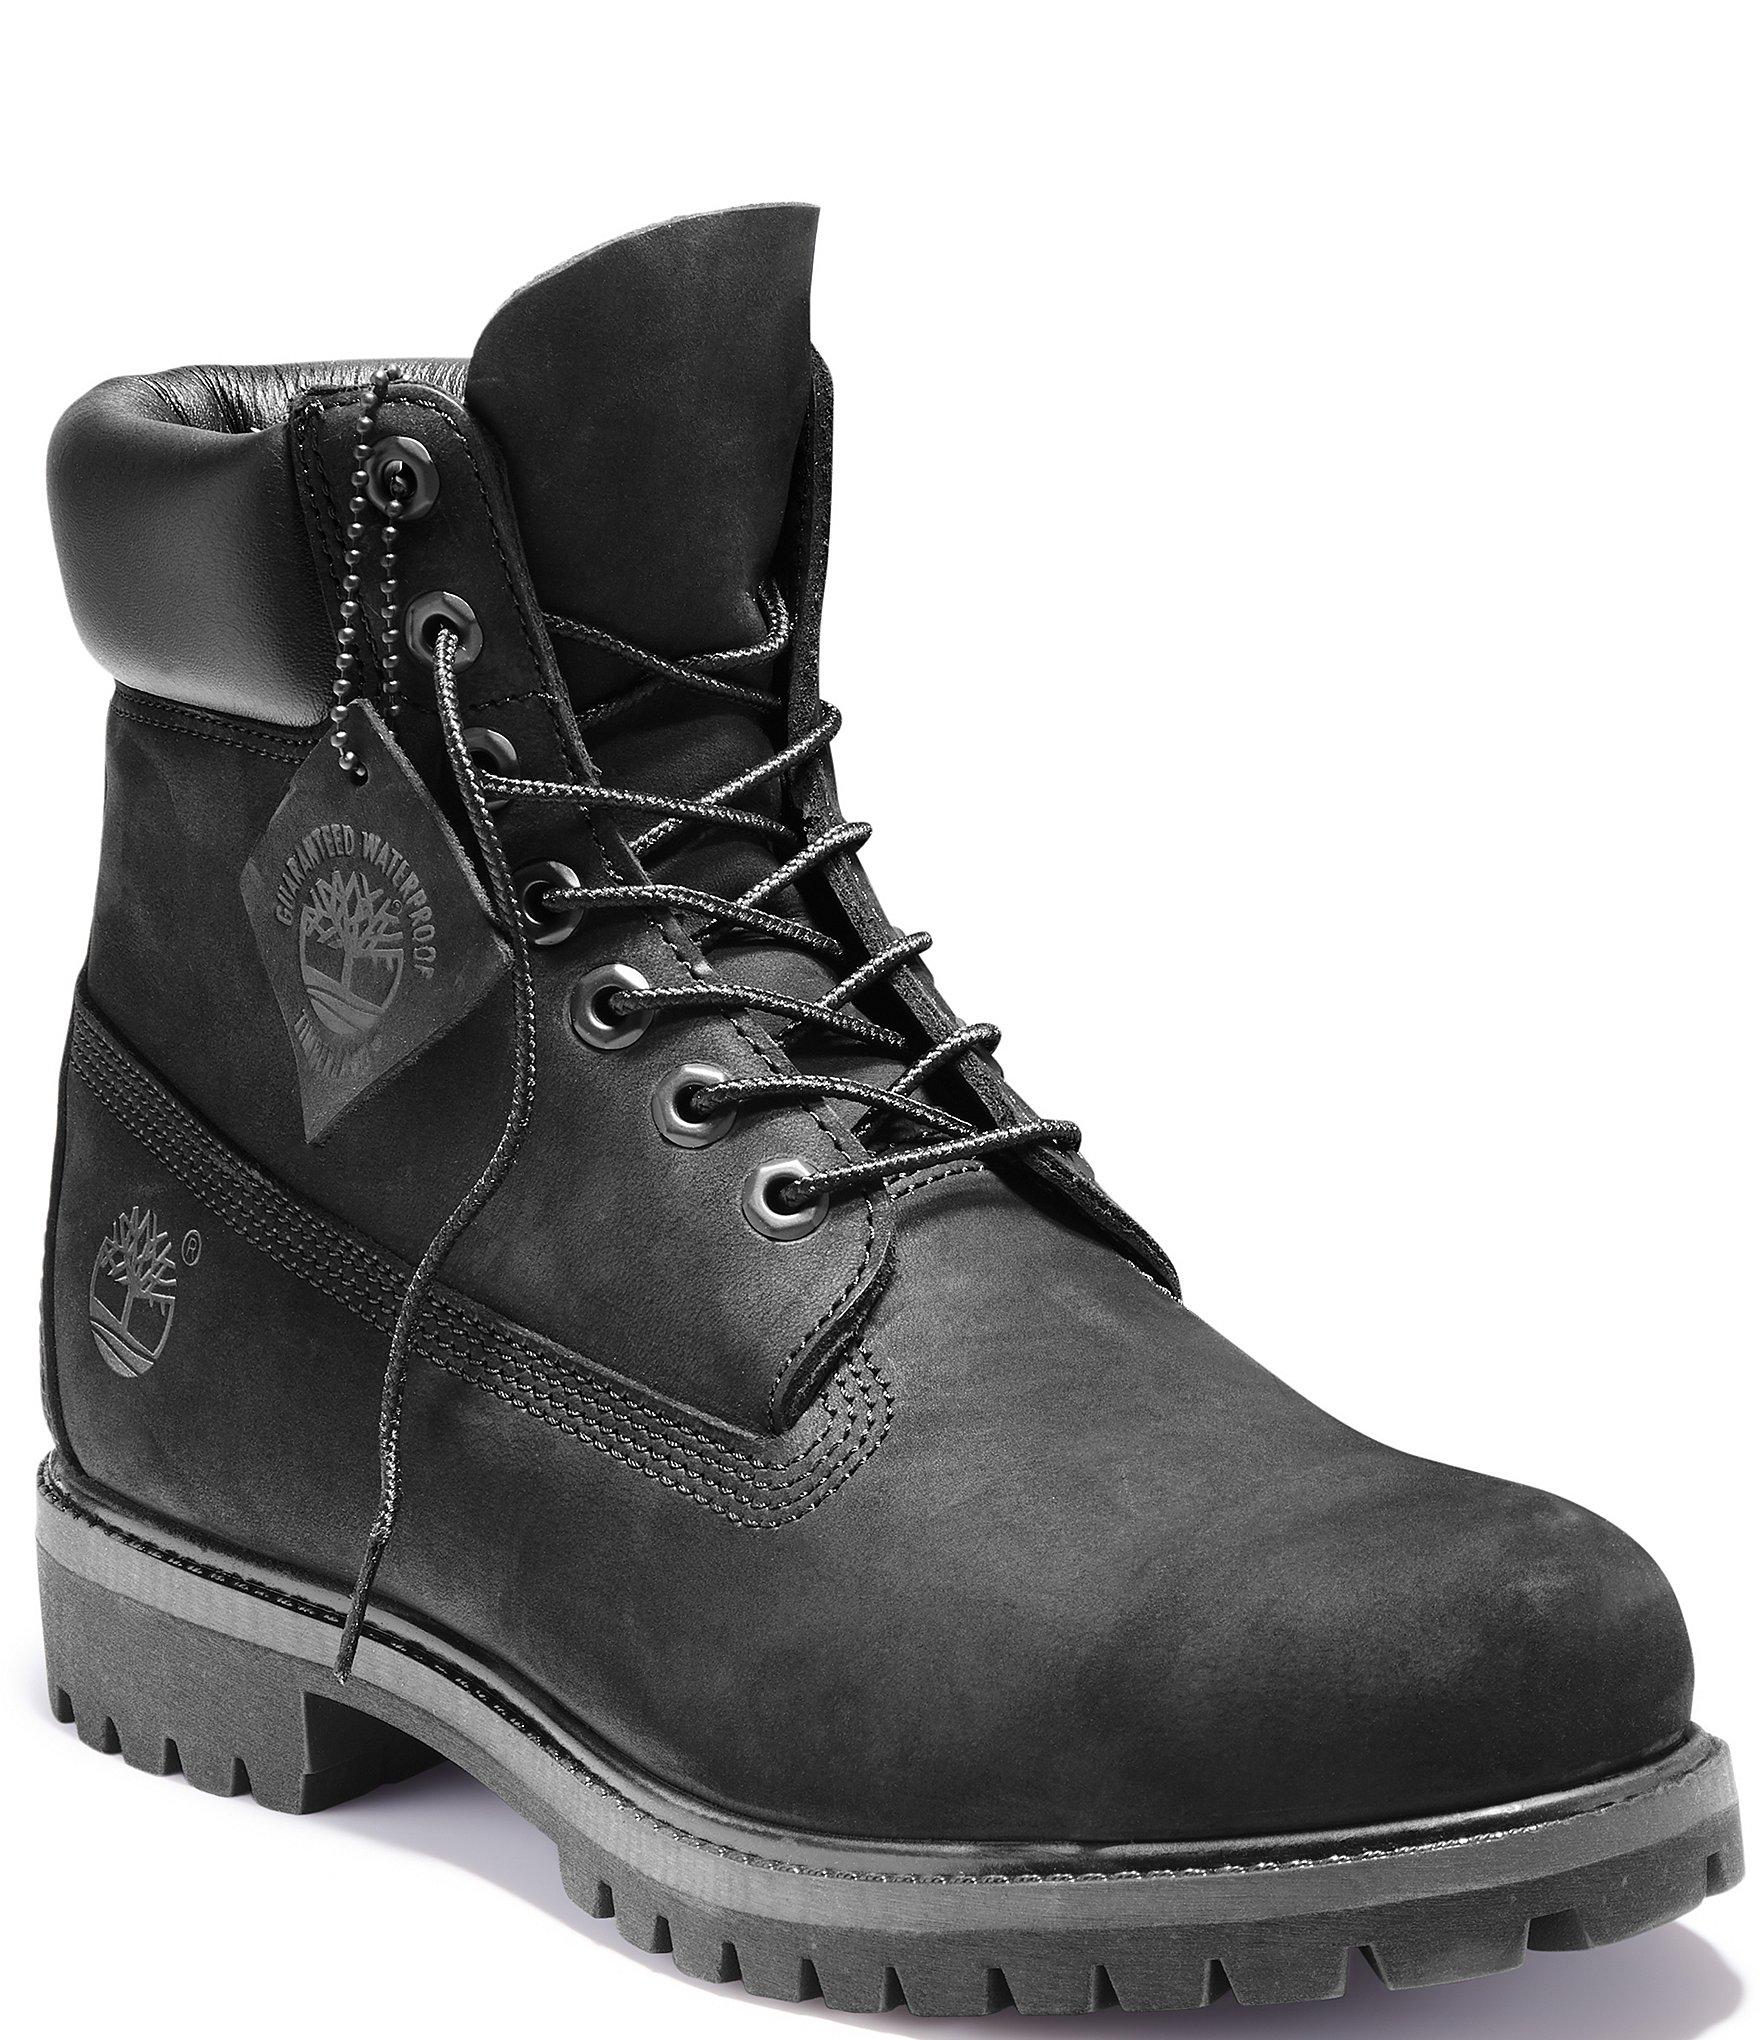 8be1adf8d Men's Shoes | Dillard's